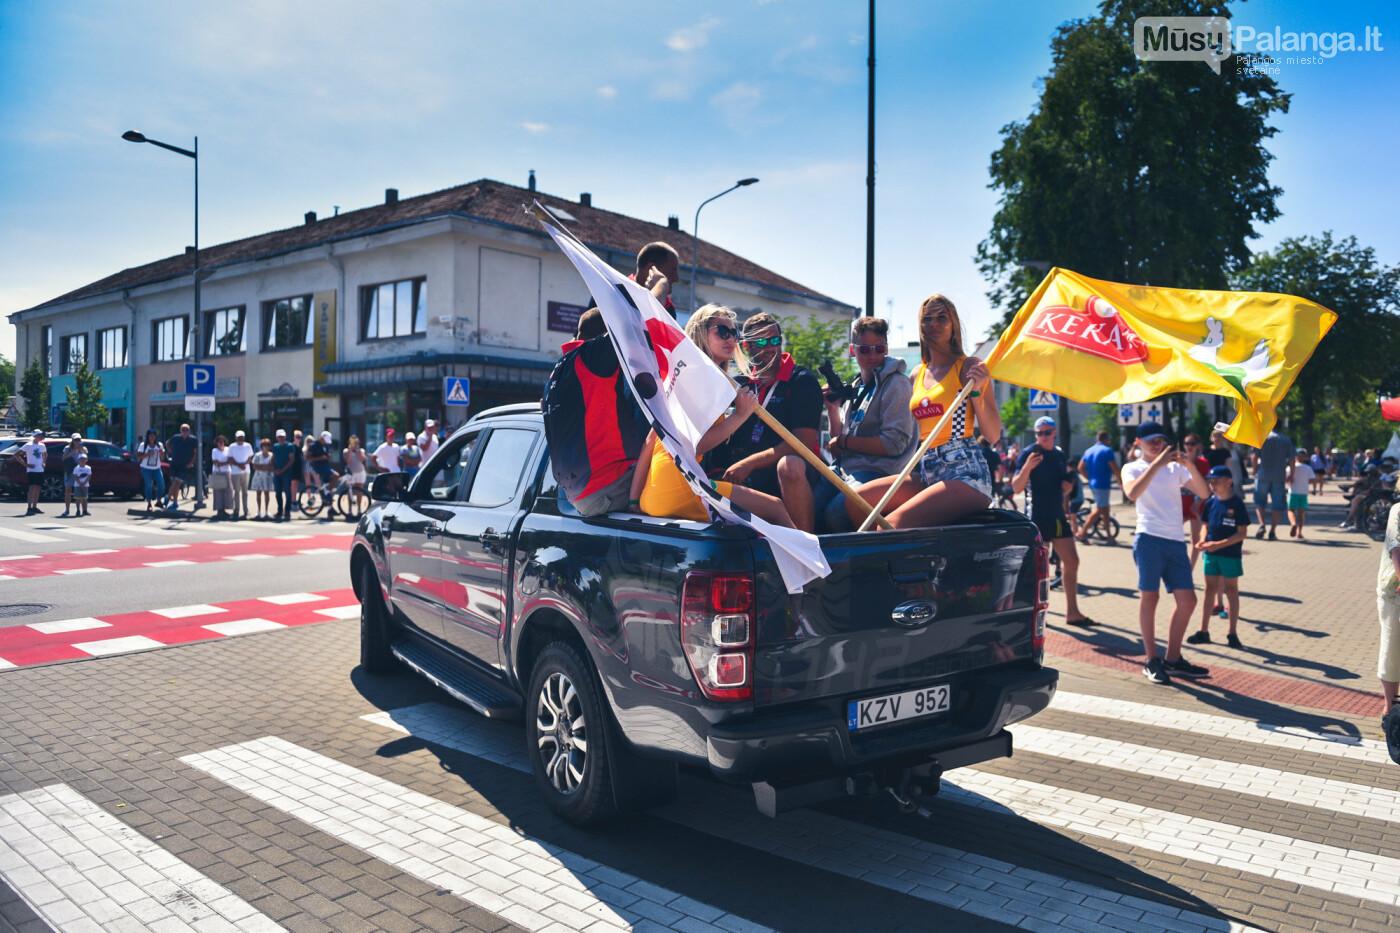 """Palanga alsuoja """"Aurum 1006 km lenktynių"""" ritmu, nuotrauka-110, Vytauto PILKAUSKO ir Arno STRUMILOS nuotr."""